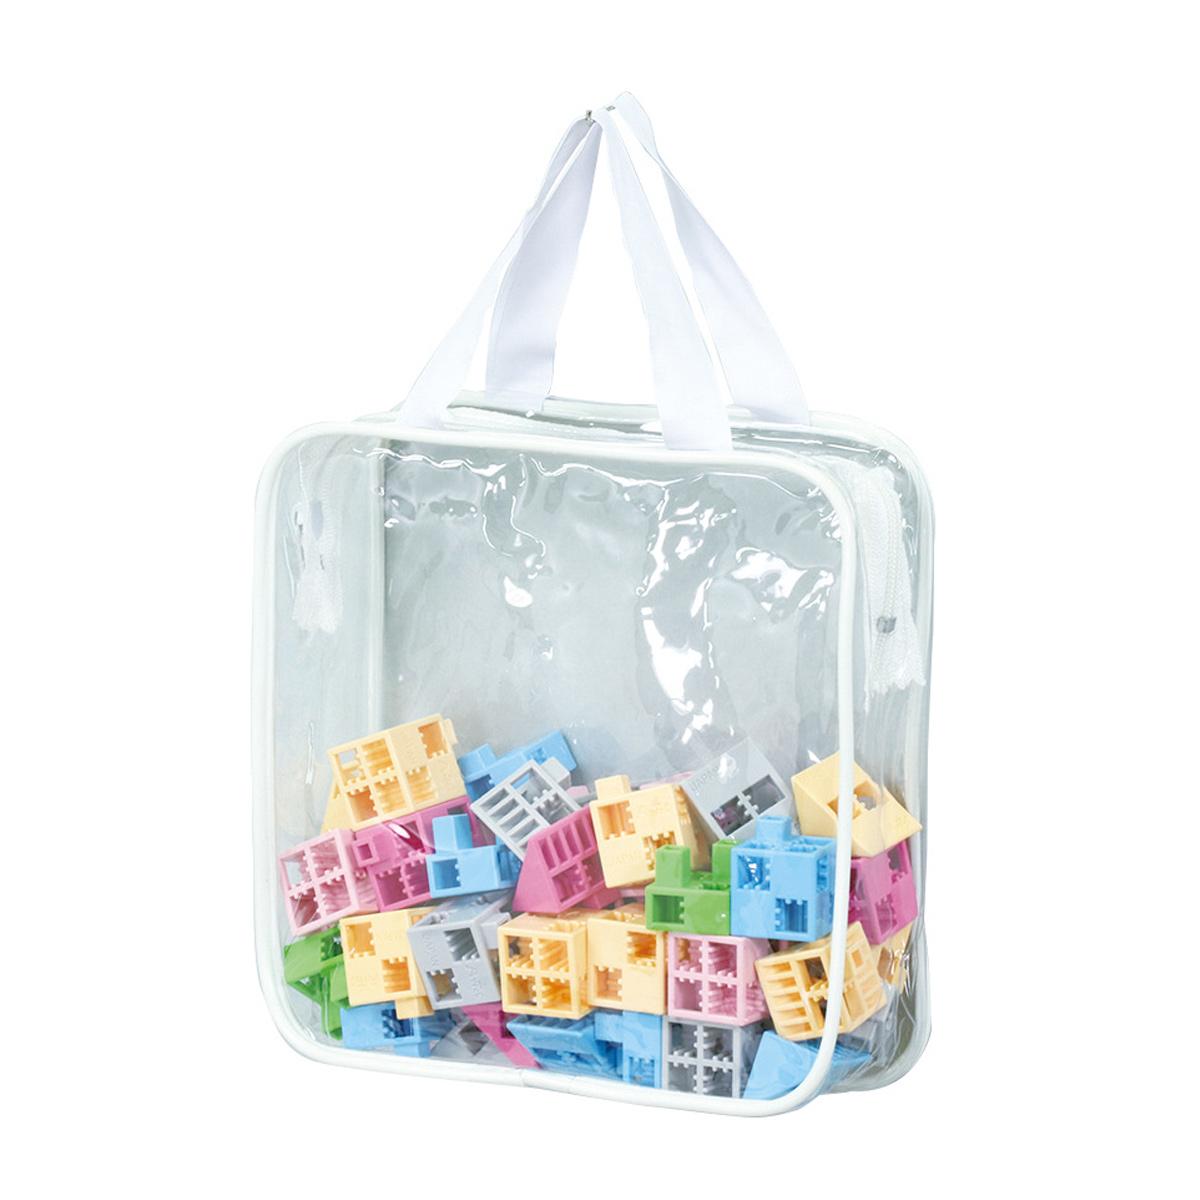 ブロック おもちゃ アーテックブロック バラエティセットB 日本製 レゴ・レゴブロックのように遊べます